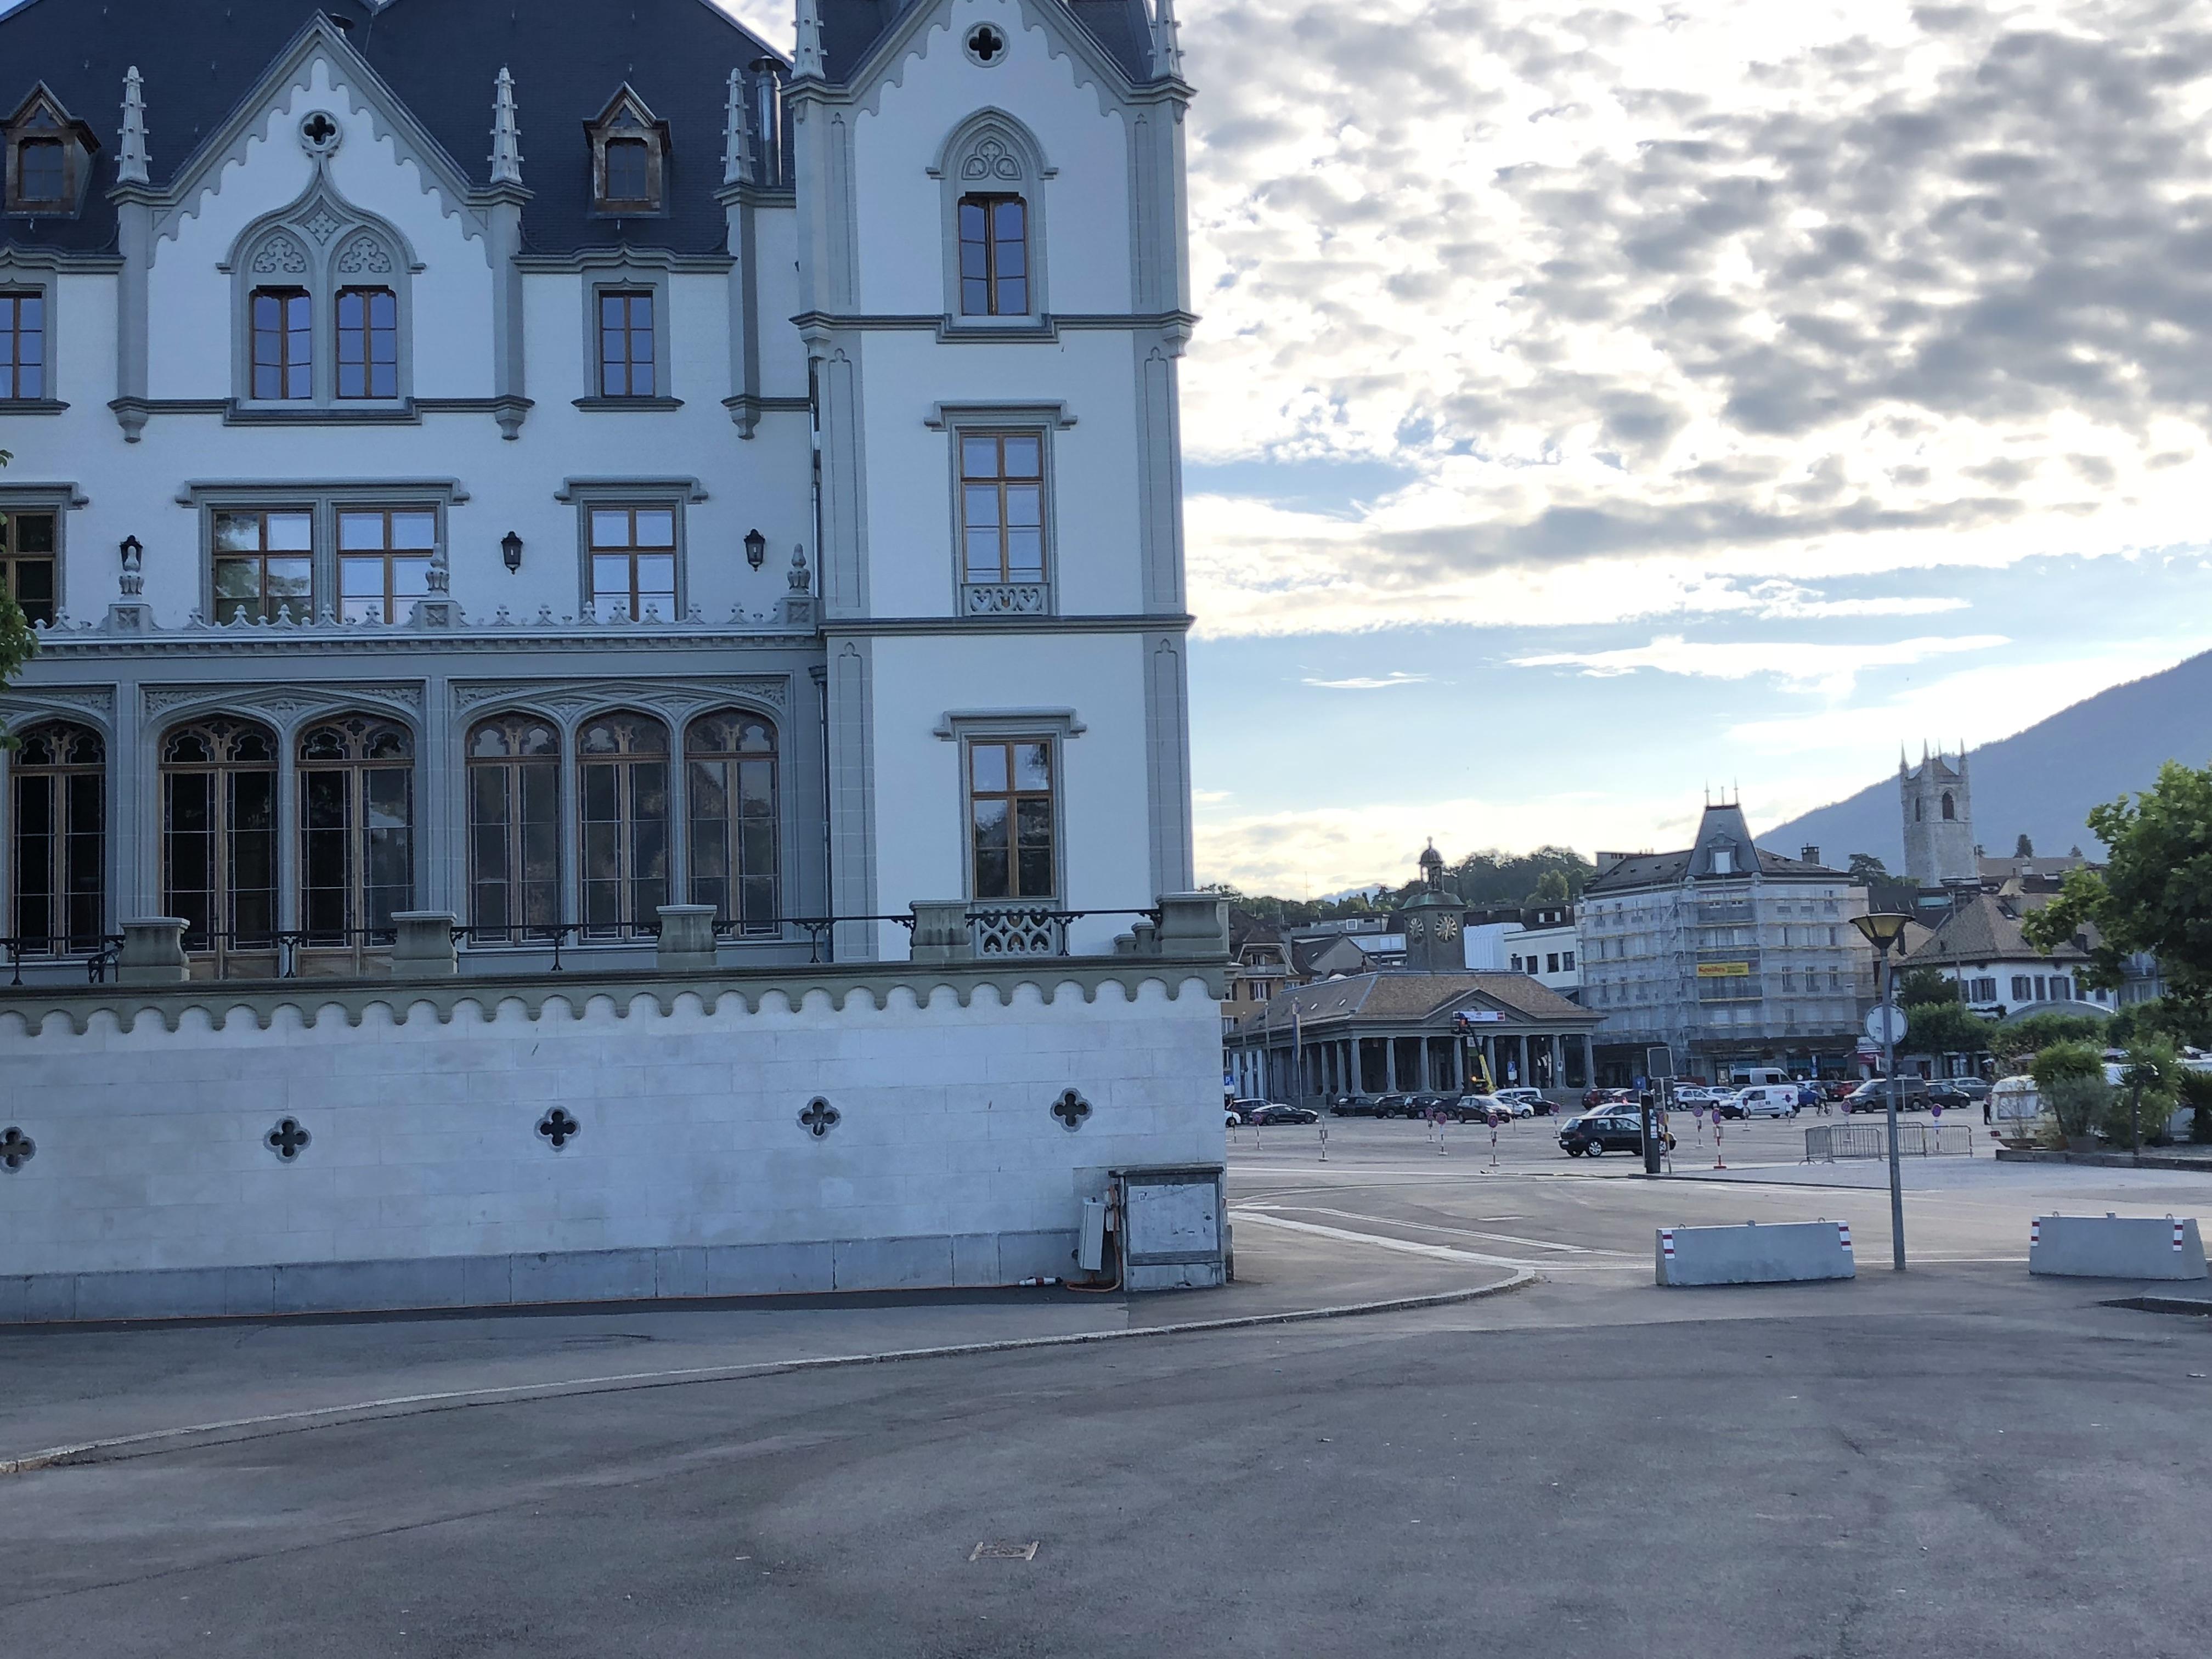 Château de l'Aile et Place du marché